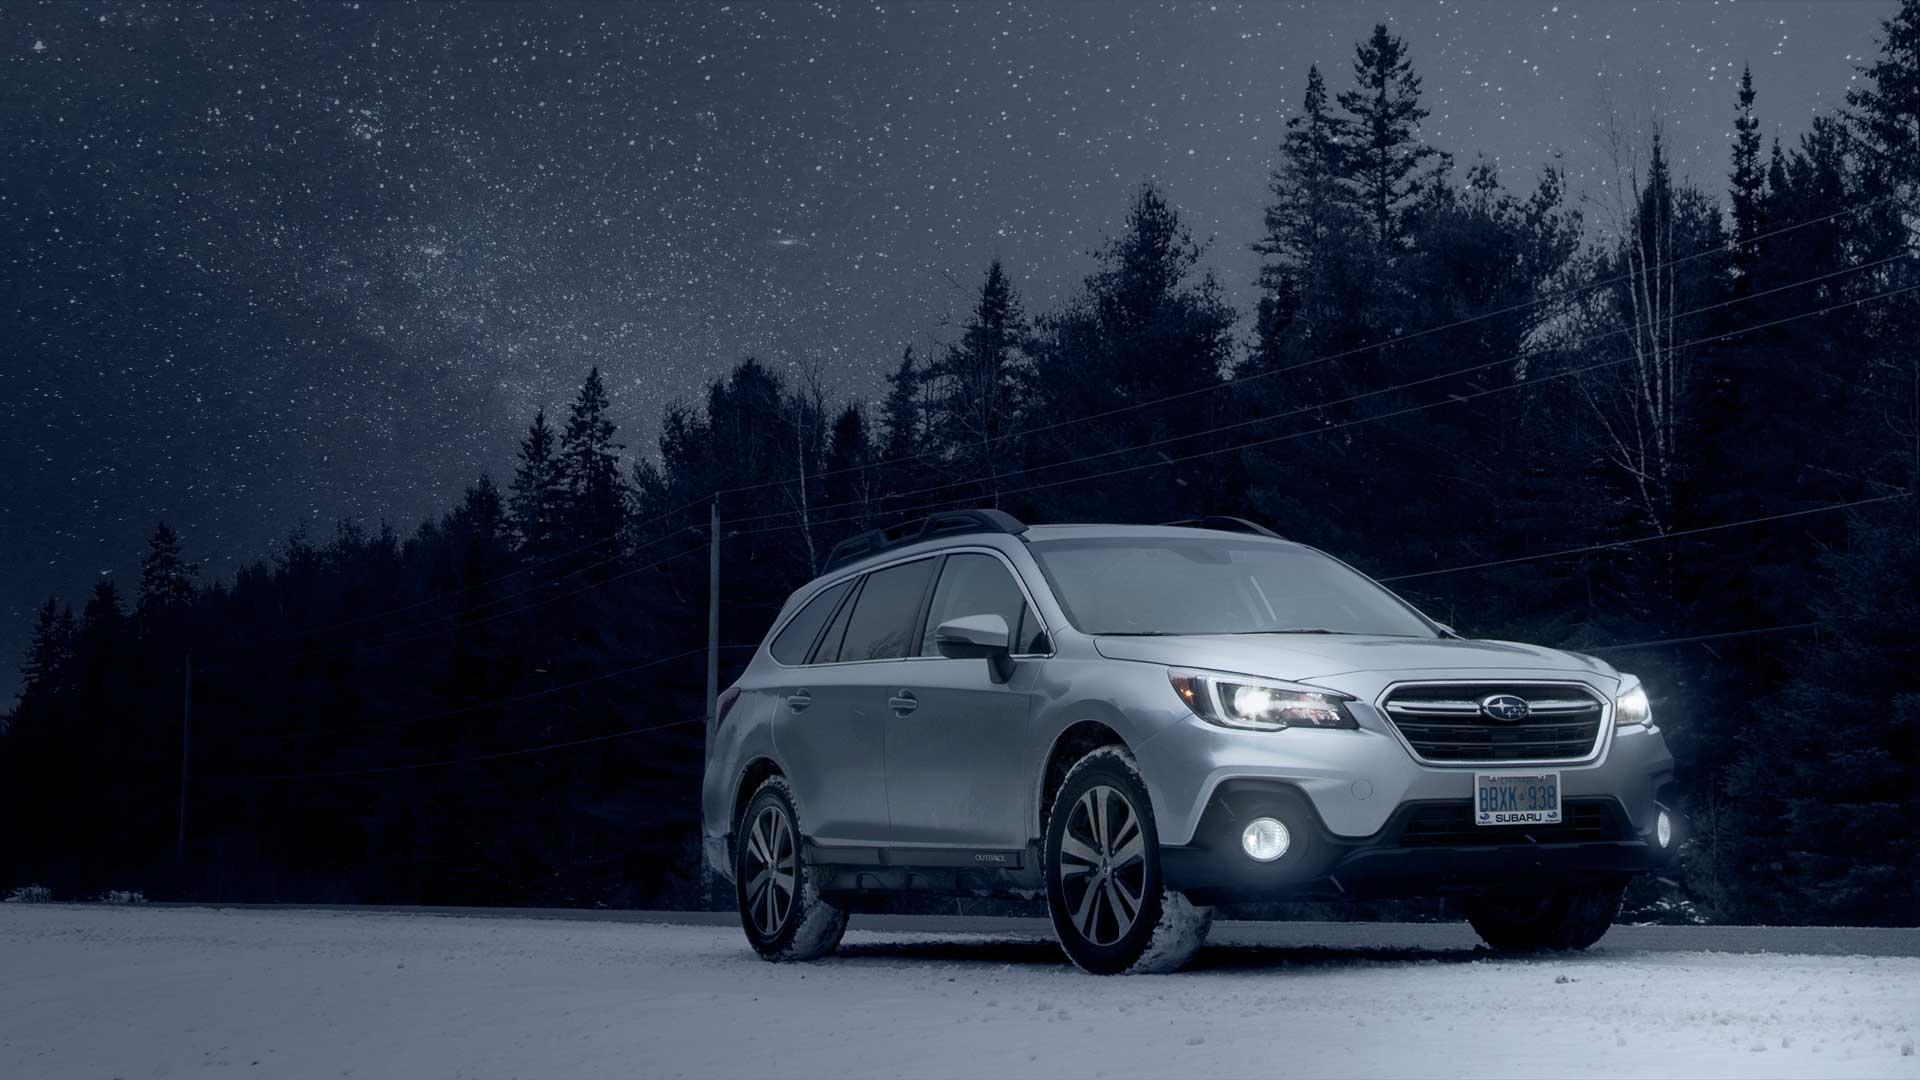 Dark Sky - 2018 Outback - Subaru Canada